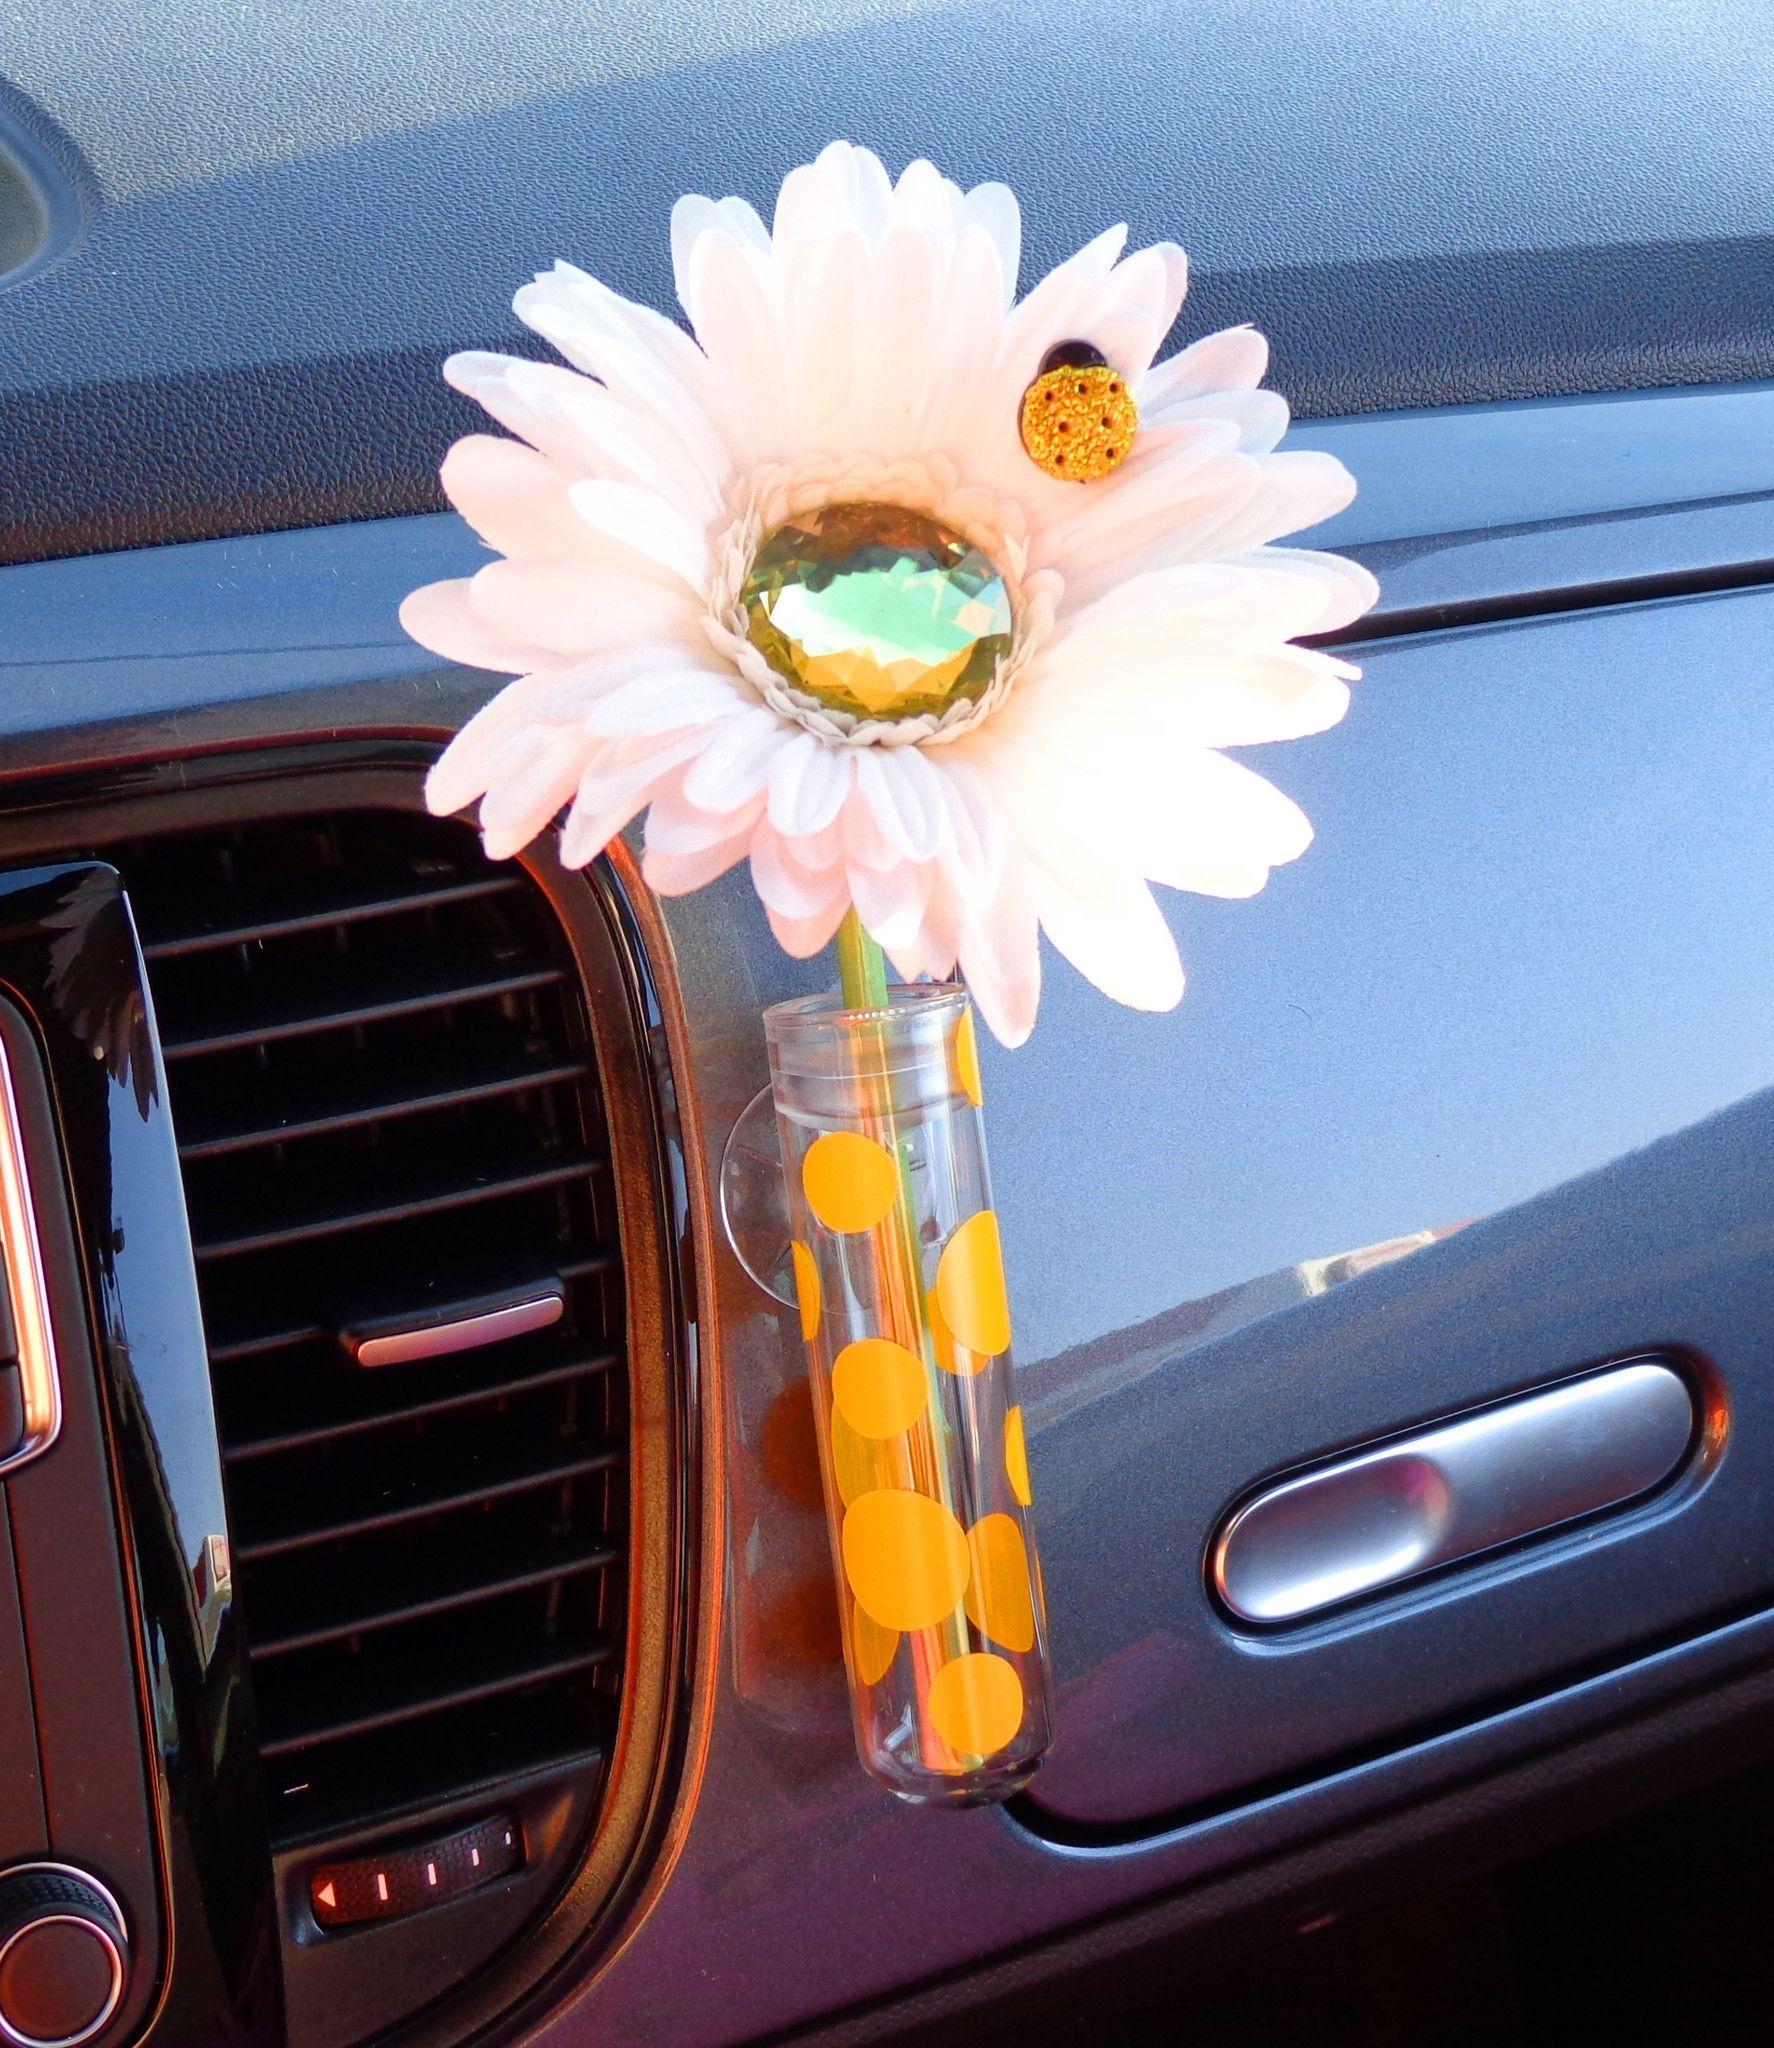 Vw Beetle Flower White And Red Bling Daisy With Universal Vase Vw Beetle Flower Vw Beetle Flower Vase Vw Flower